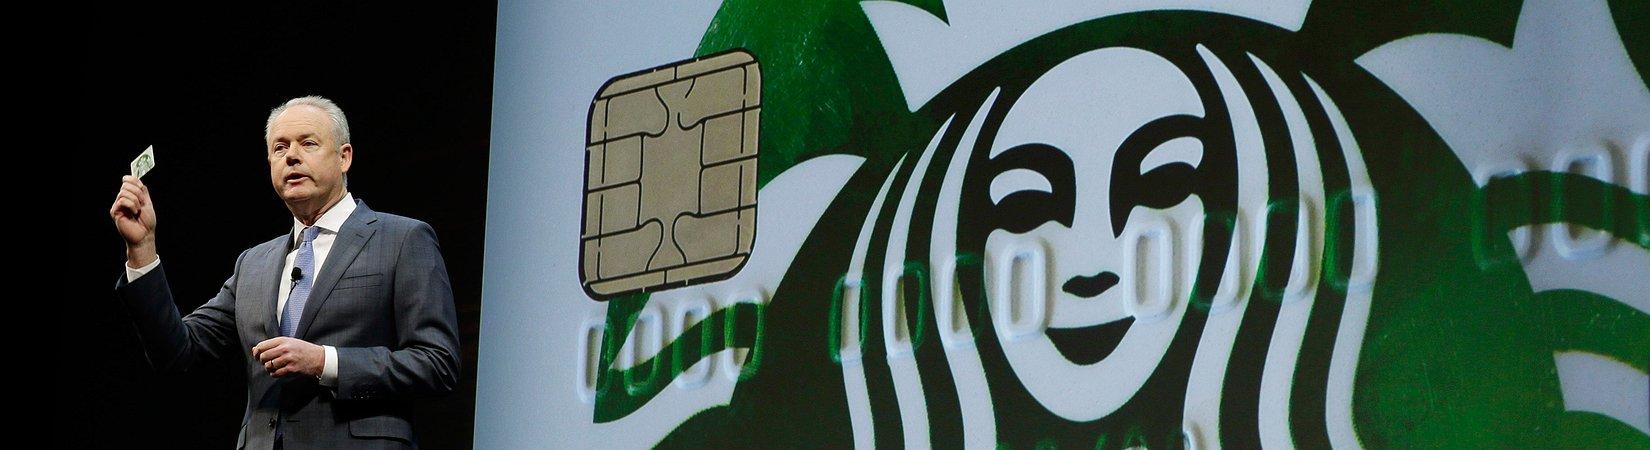 Starbucks sin Howard Schultz: ¿Cómo será el futuro de este imperio del café?